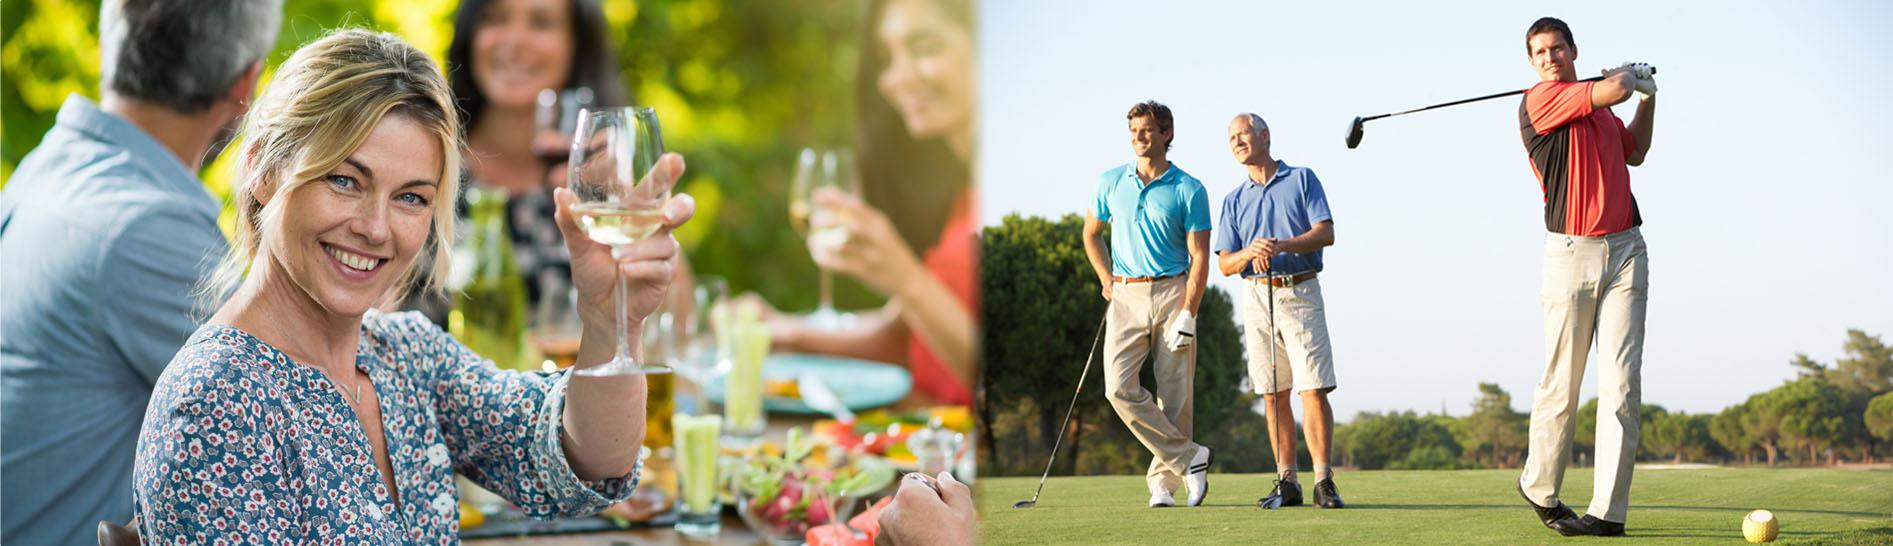 wanda-golfers.jpg